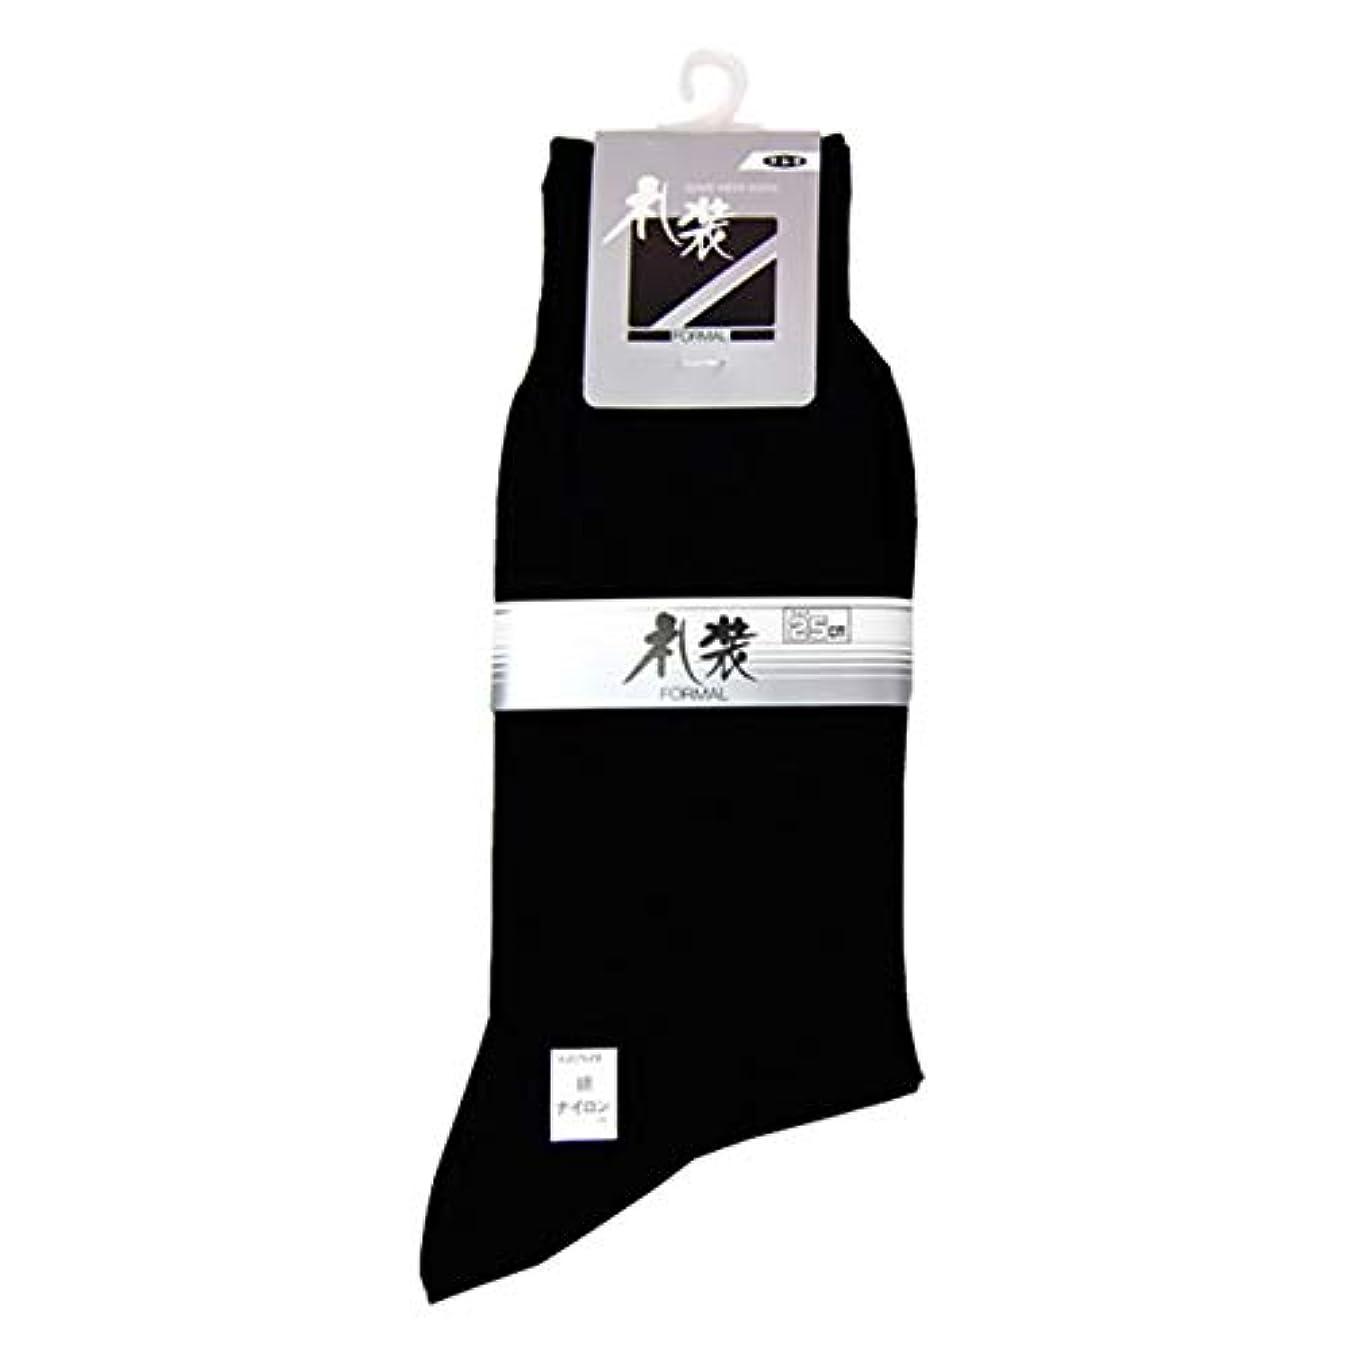 エスカレーターピース物足りないグンゼ(GUNZE) 商品コード:04481-026-27cm 礼装用 メンズソックス 27cm ブラック/メンズ